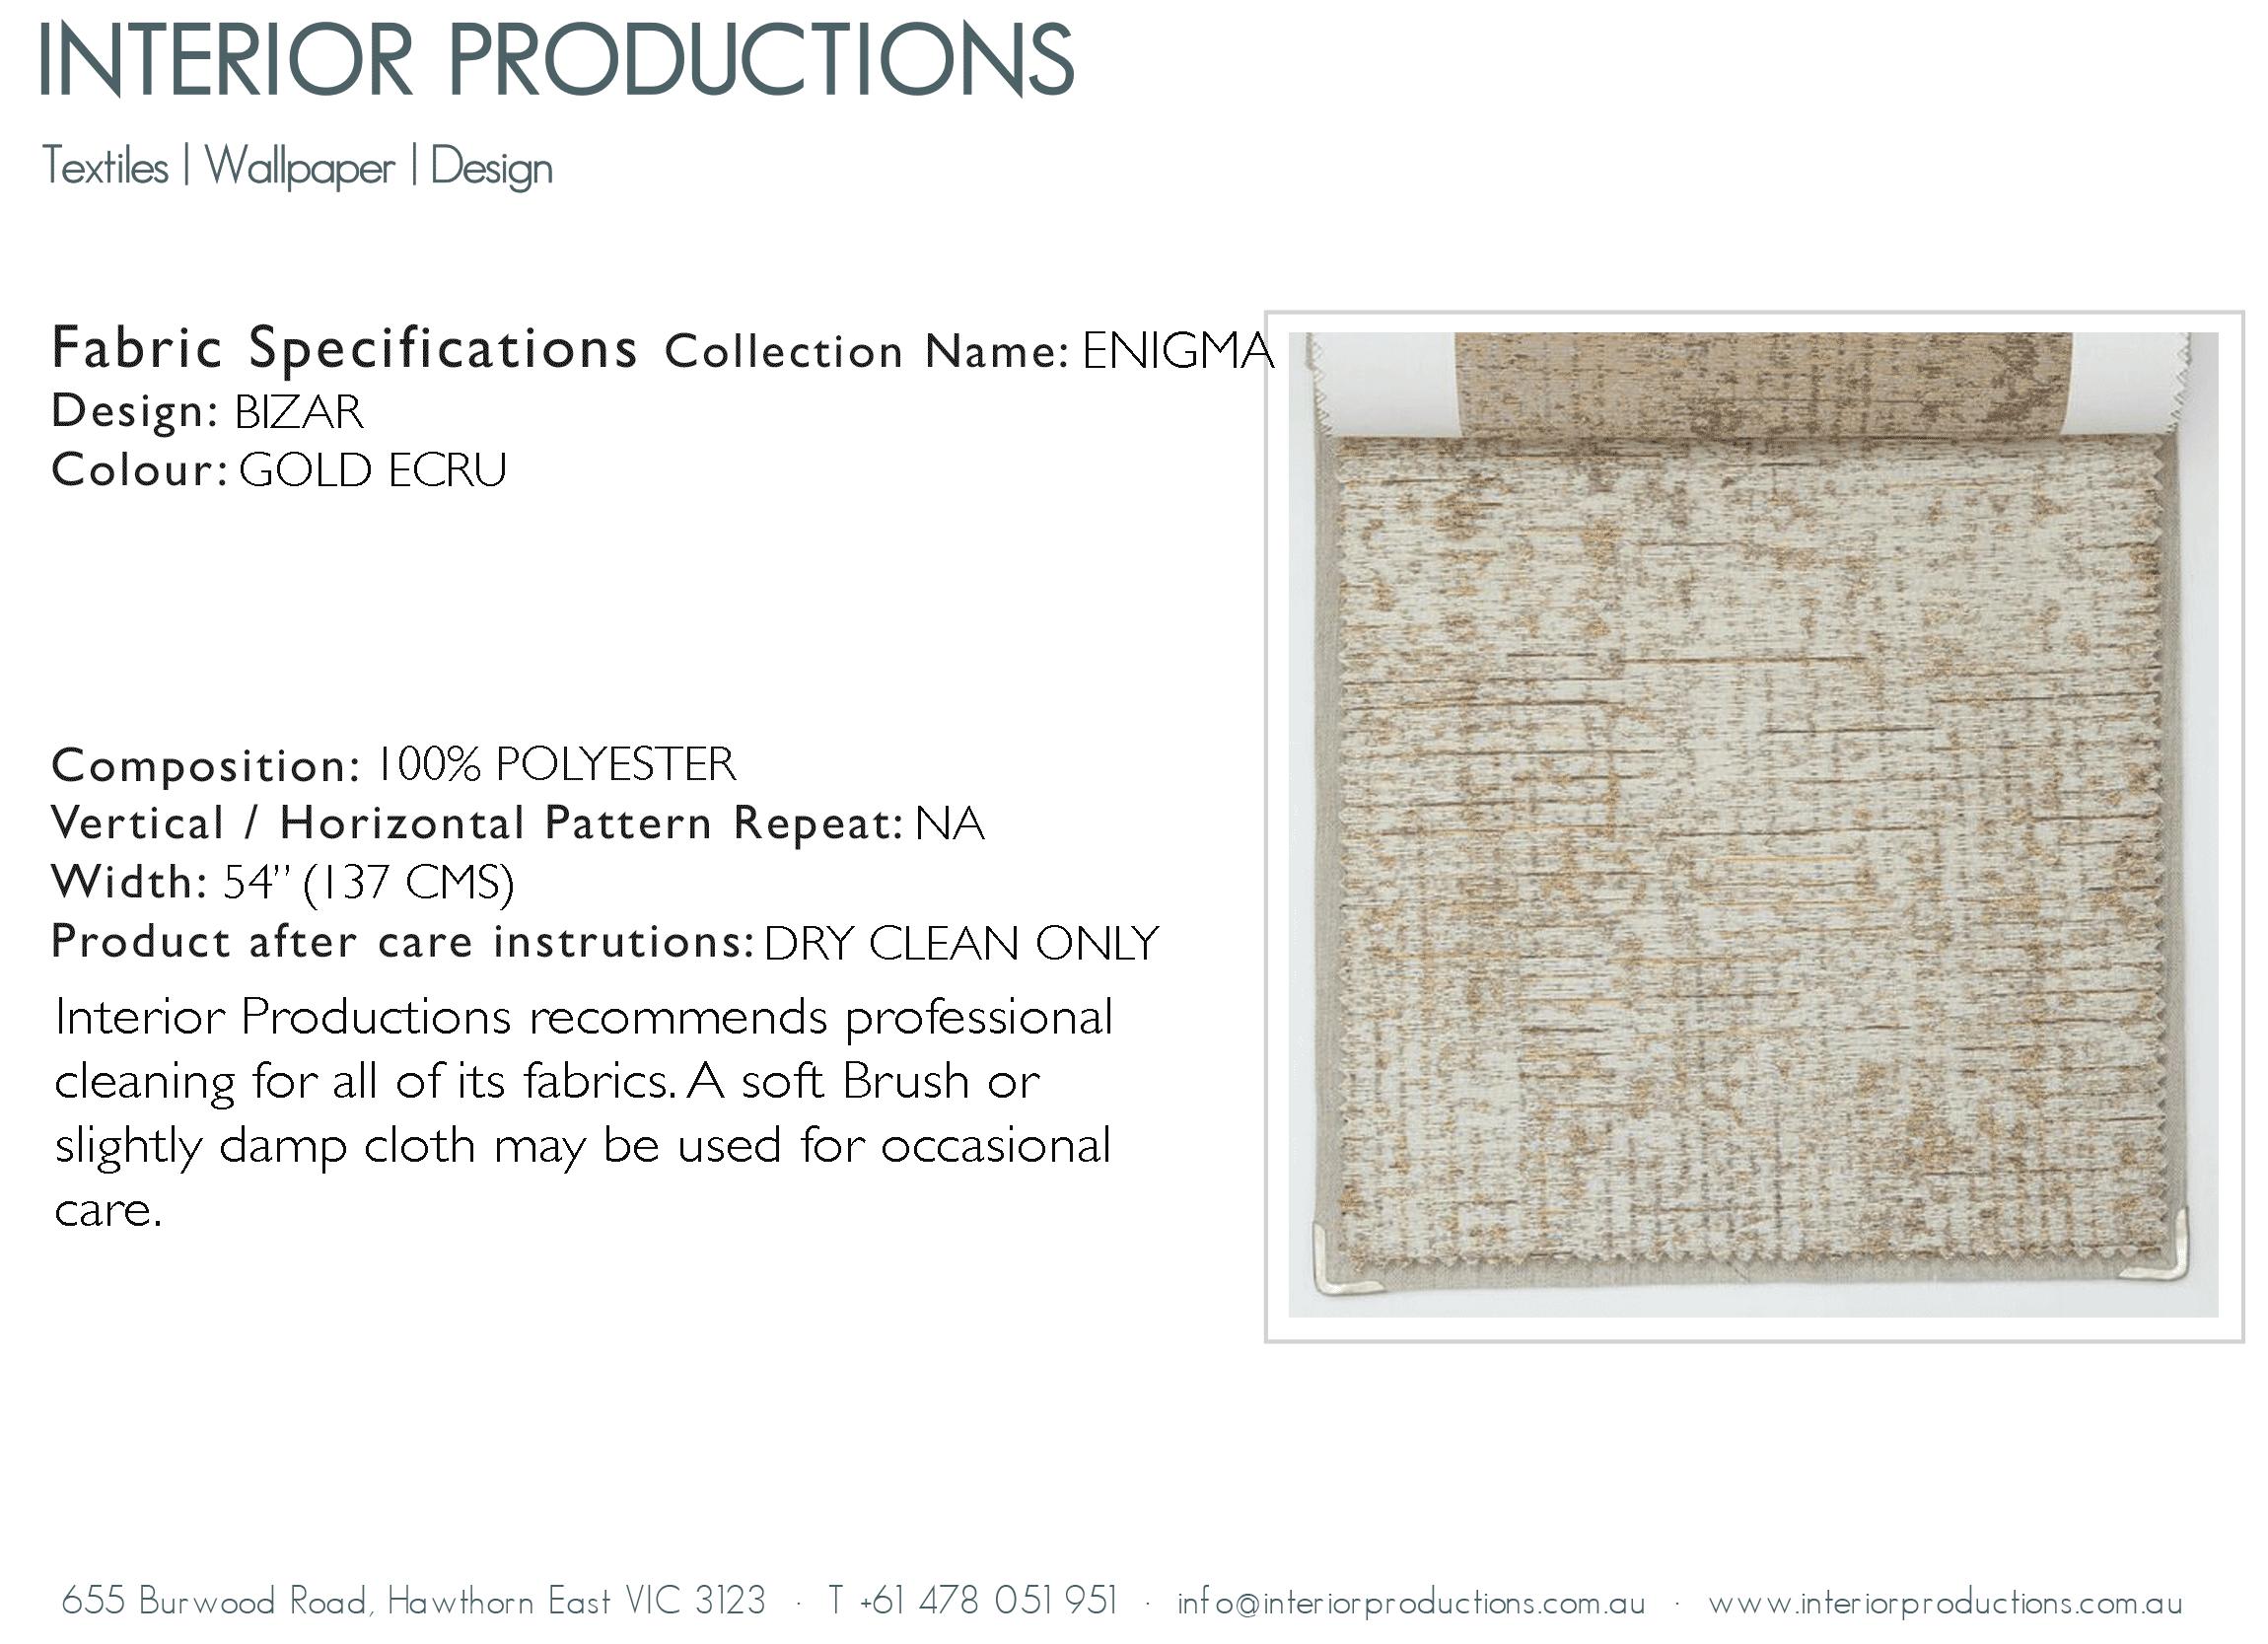 interior_productions_BIZAR---GOLD-ECRU